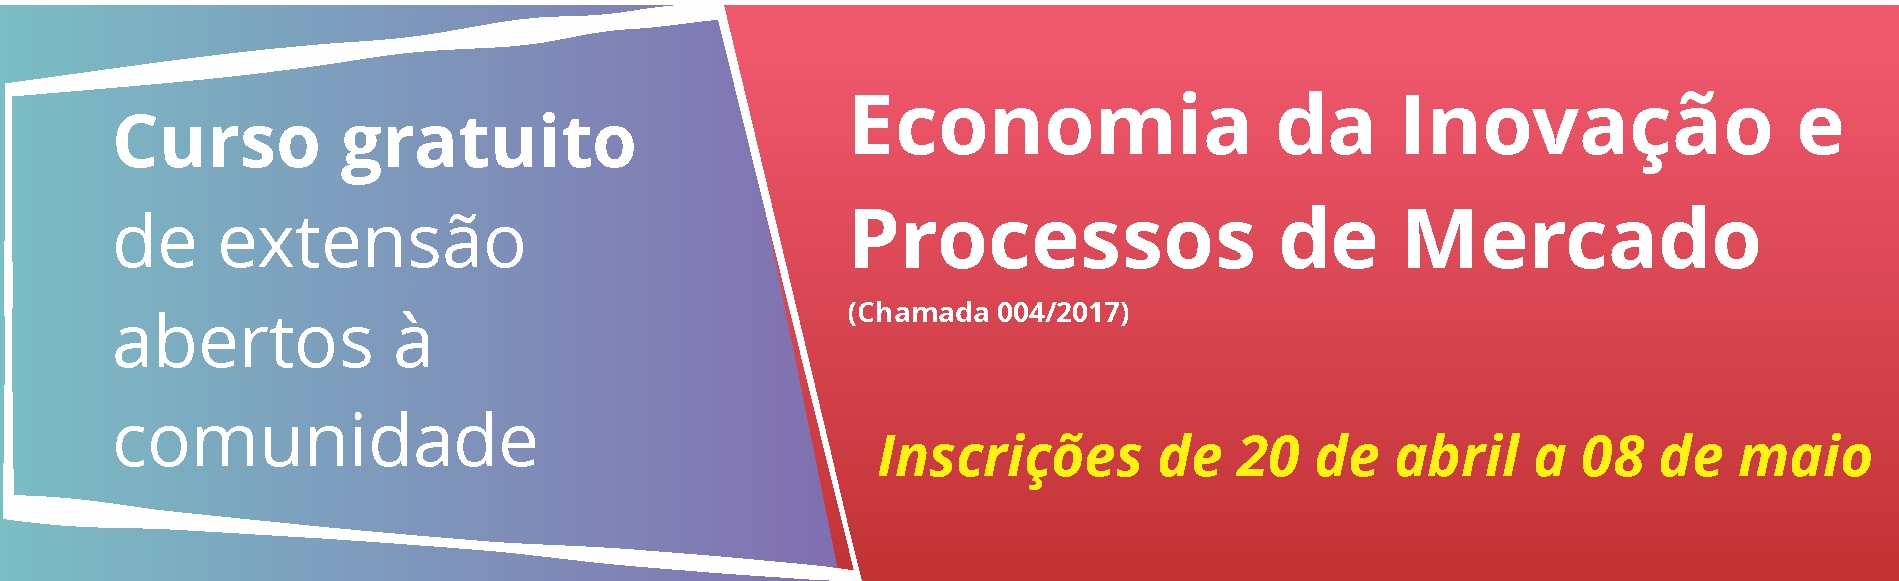 Banner_Curso_Extensão_Economia